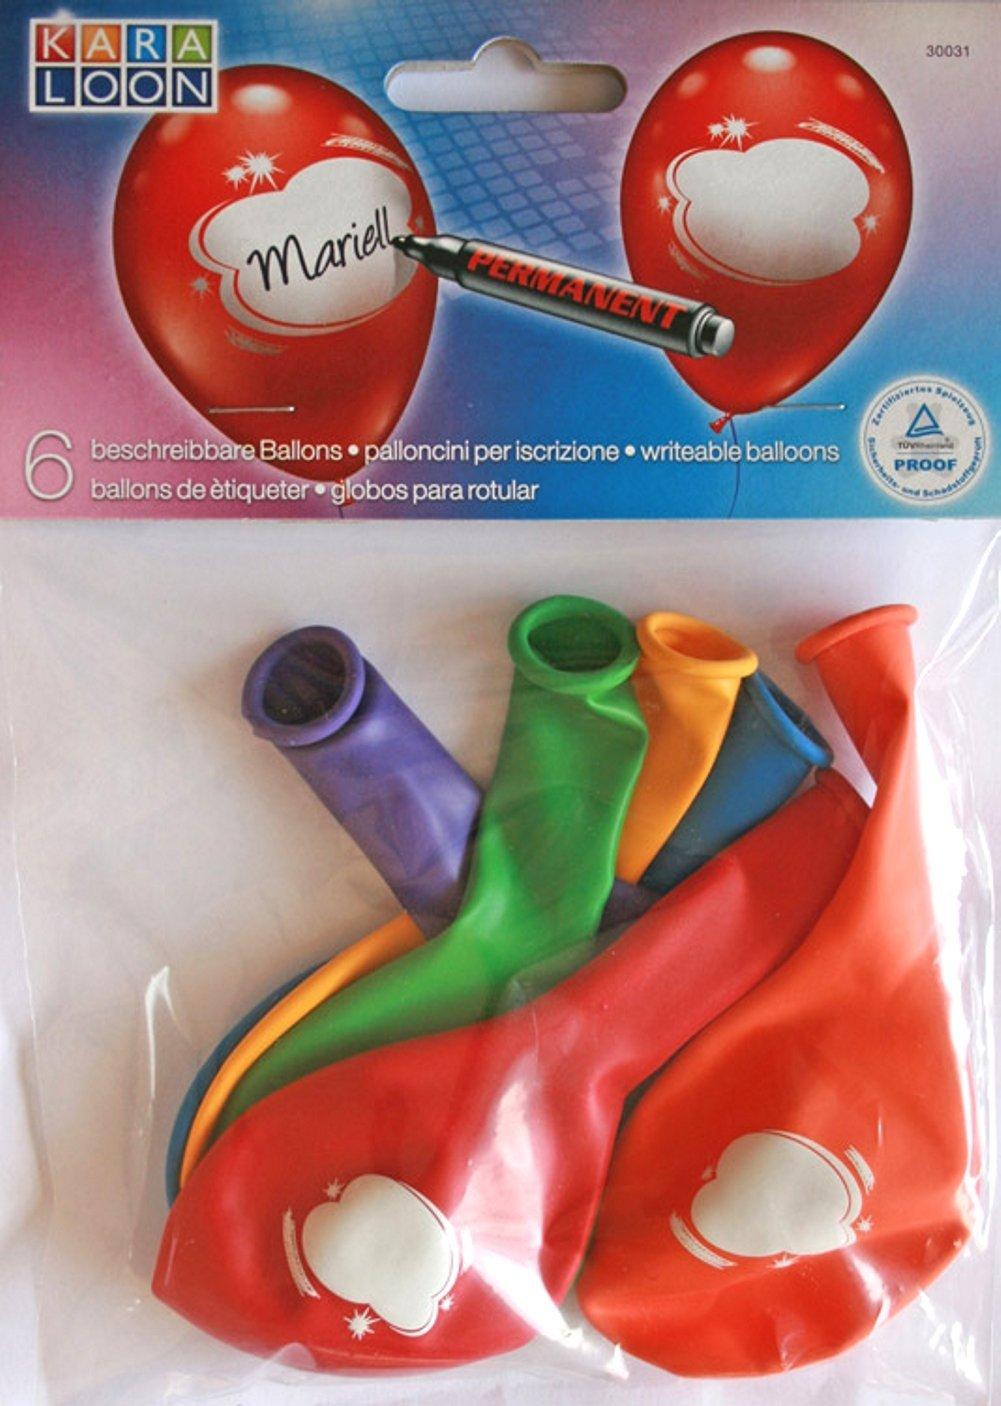 6er-Set Ballons beschreibbar